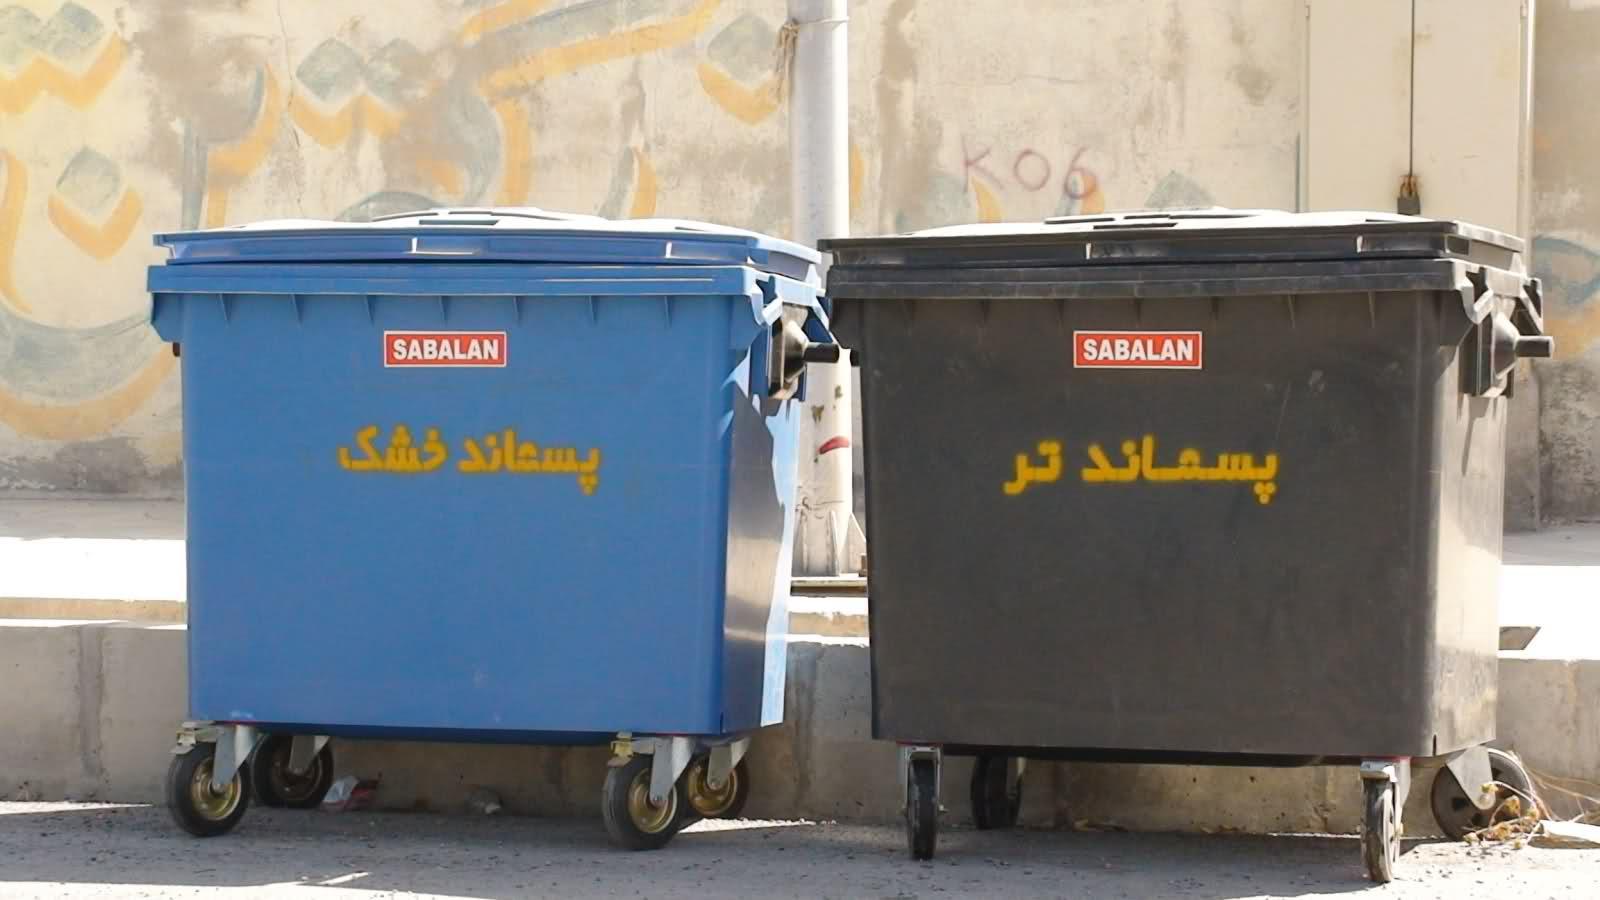 تفکیک زباله از مبدأ-درست مصرف کنیم - آموزش همگانی - آگاهی مصرف